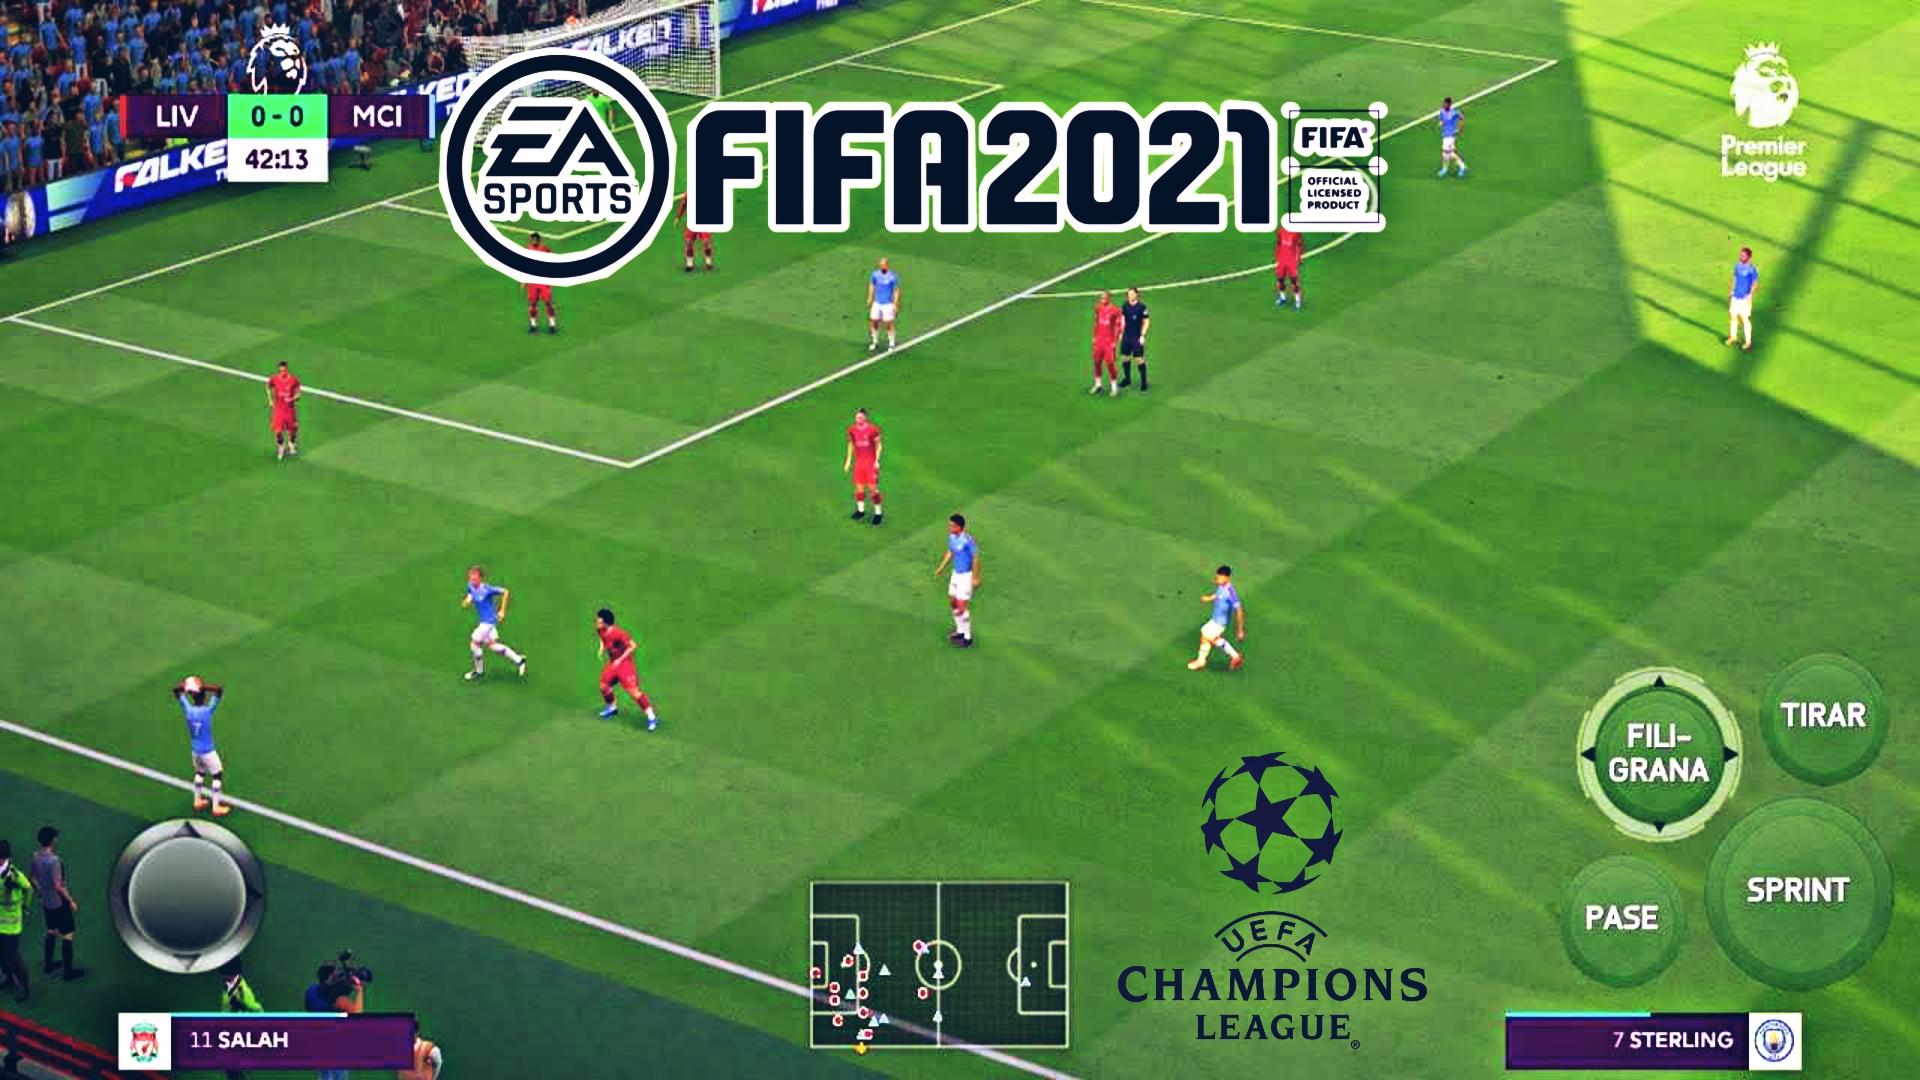 تحميل لعبة فيفا 2021 FIFA بمميزات رهيبة و بكاميرى PS5 جرافيك +FHD